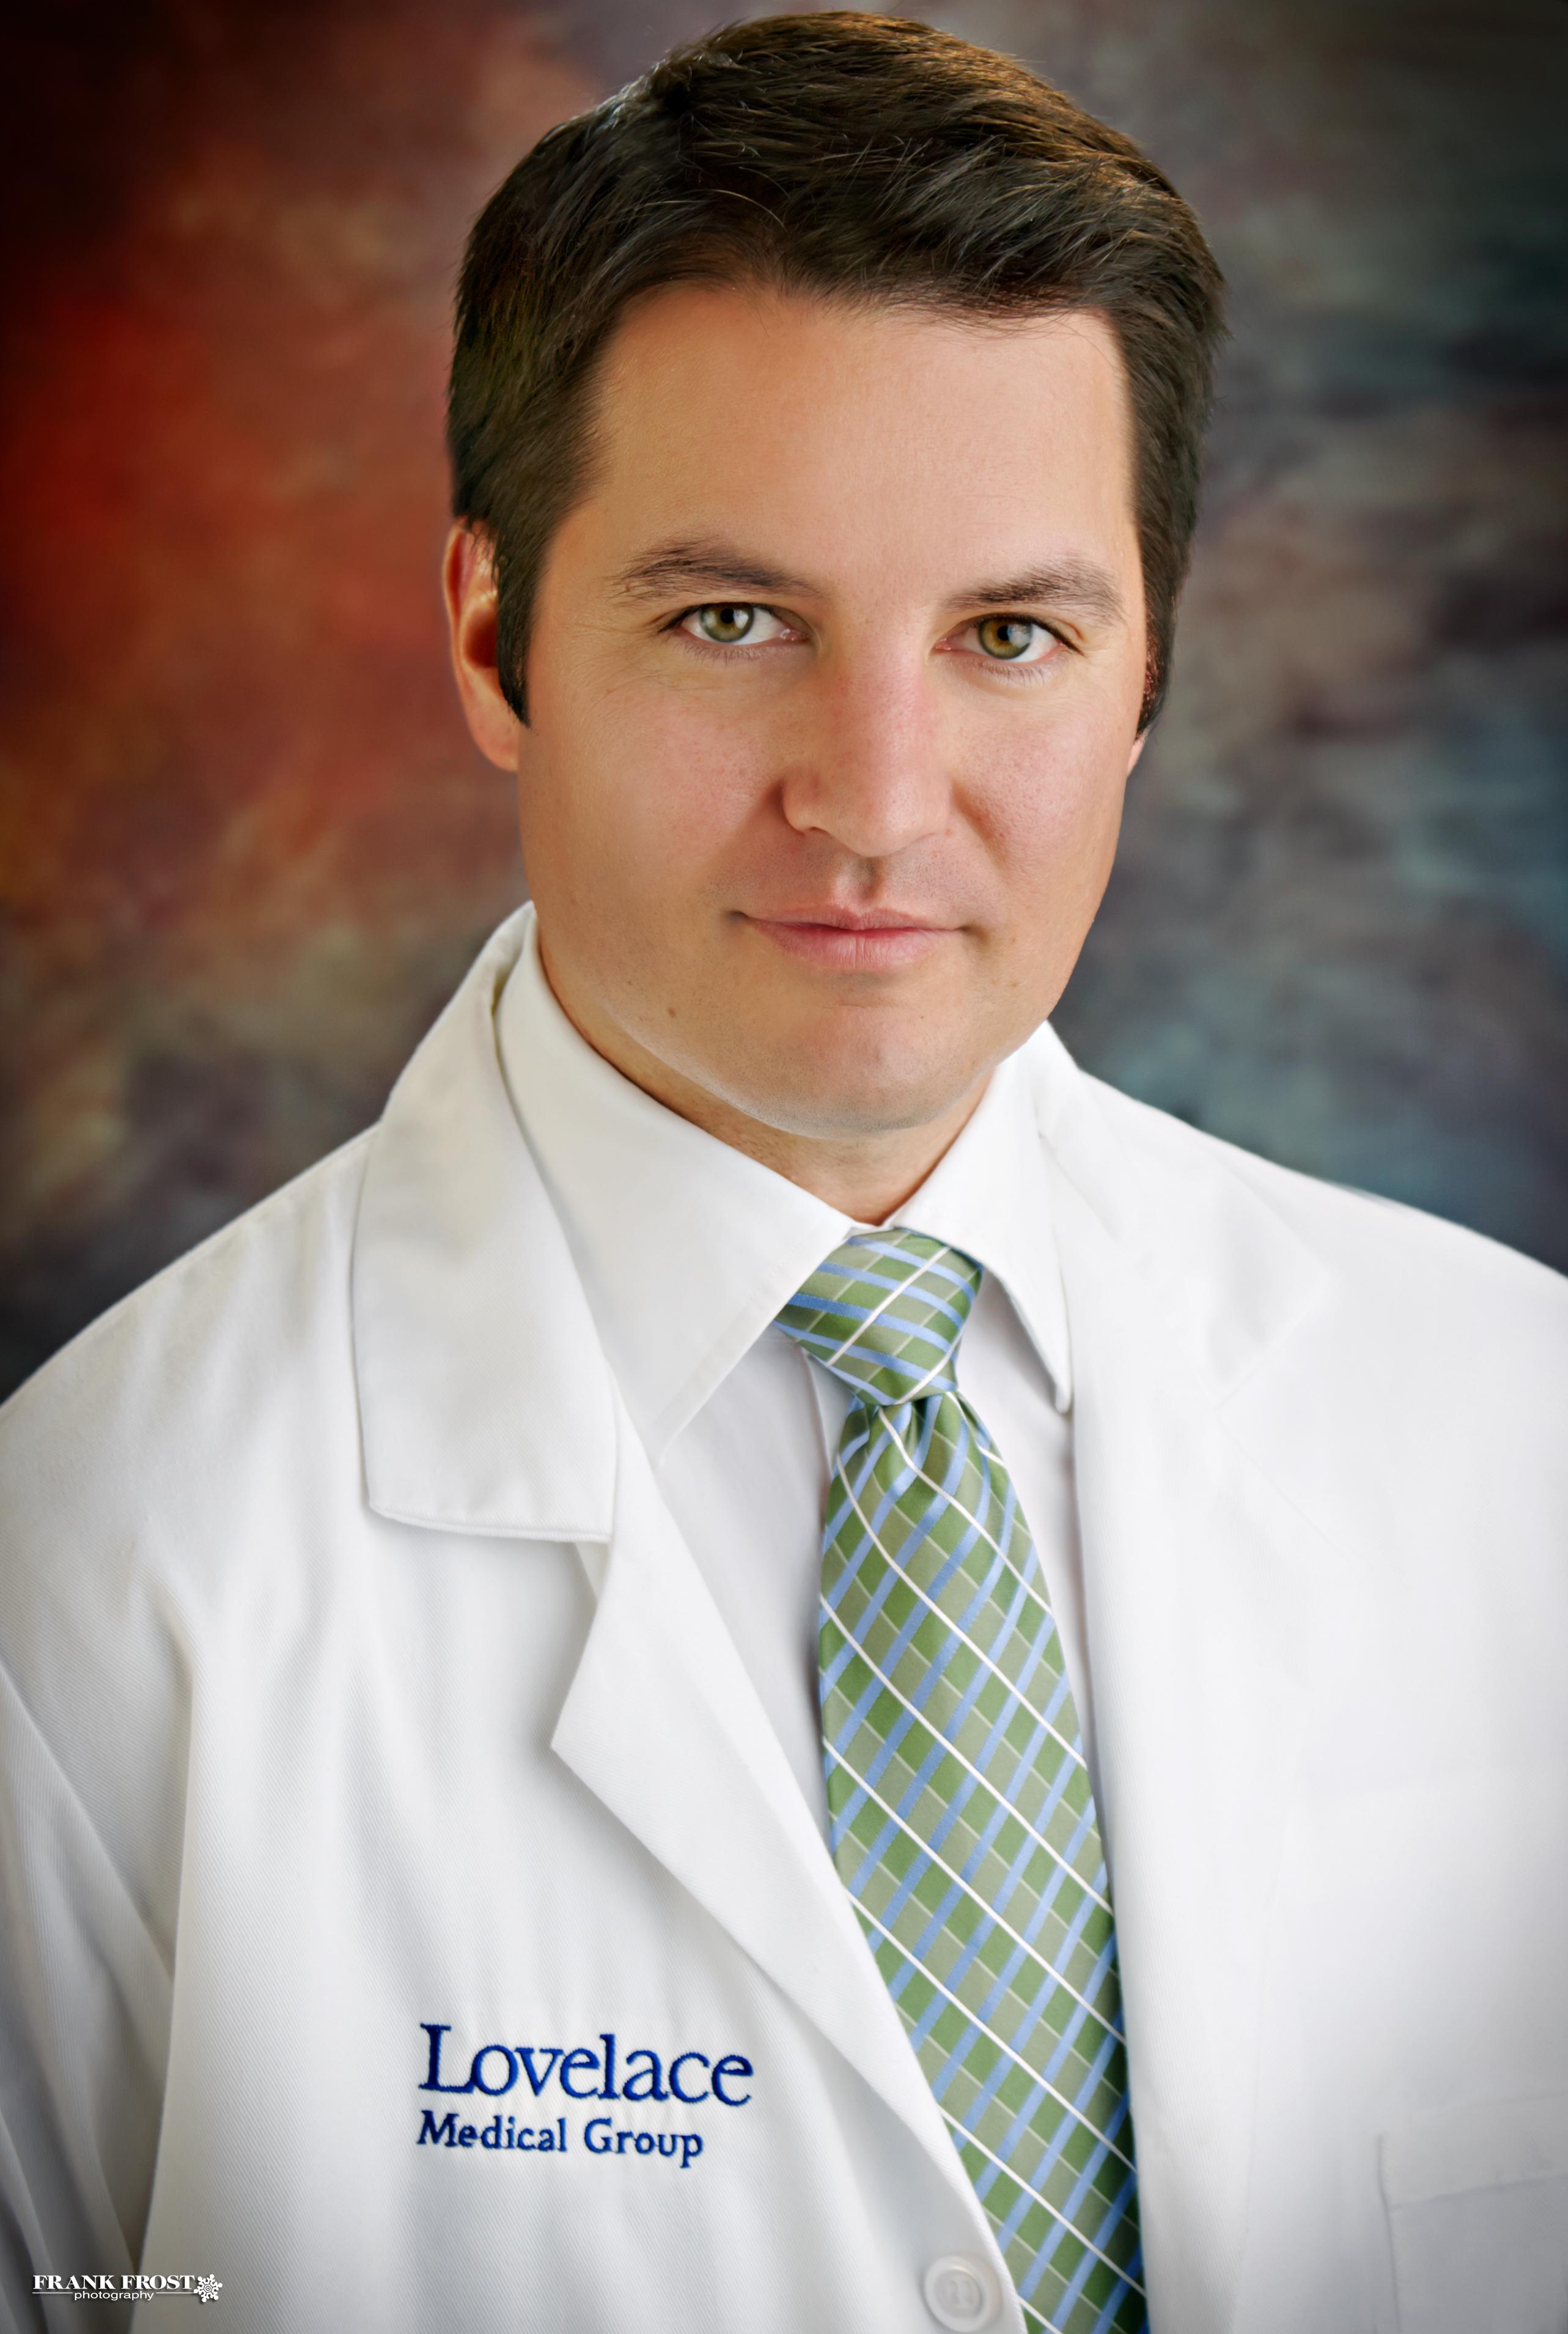 Ryan Urich, MD